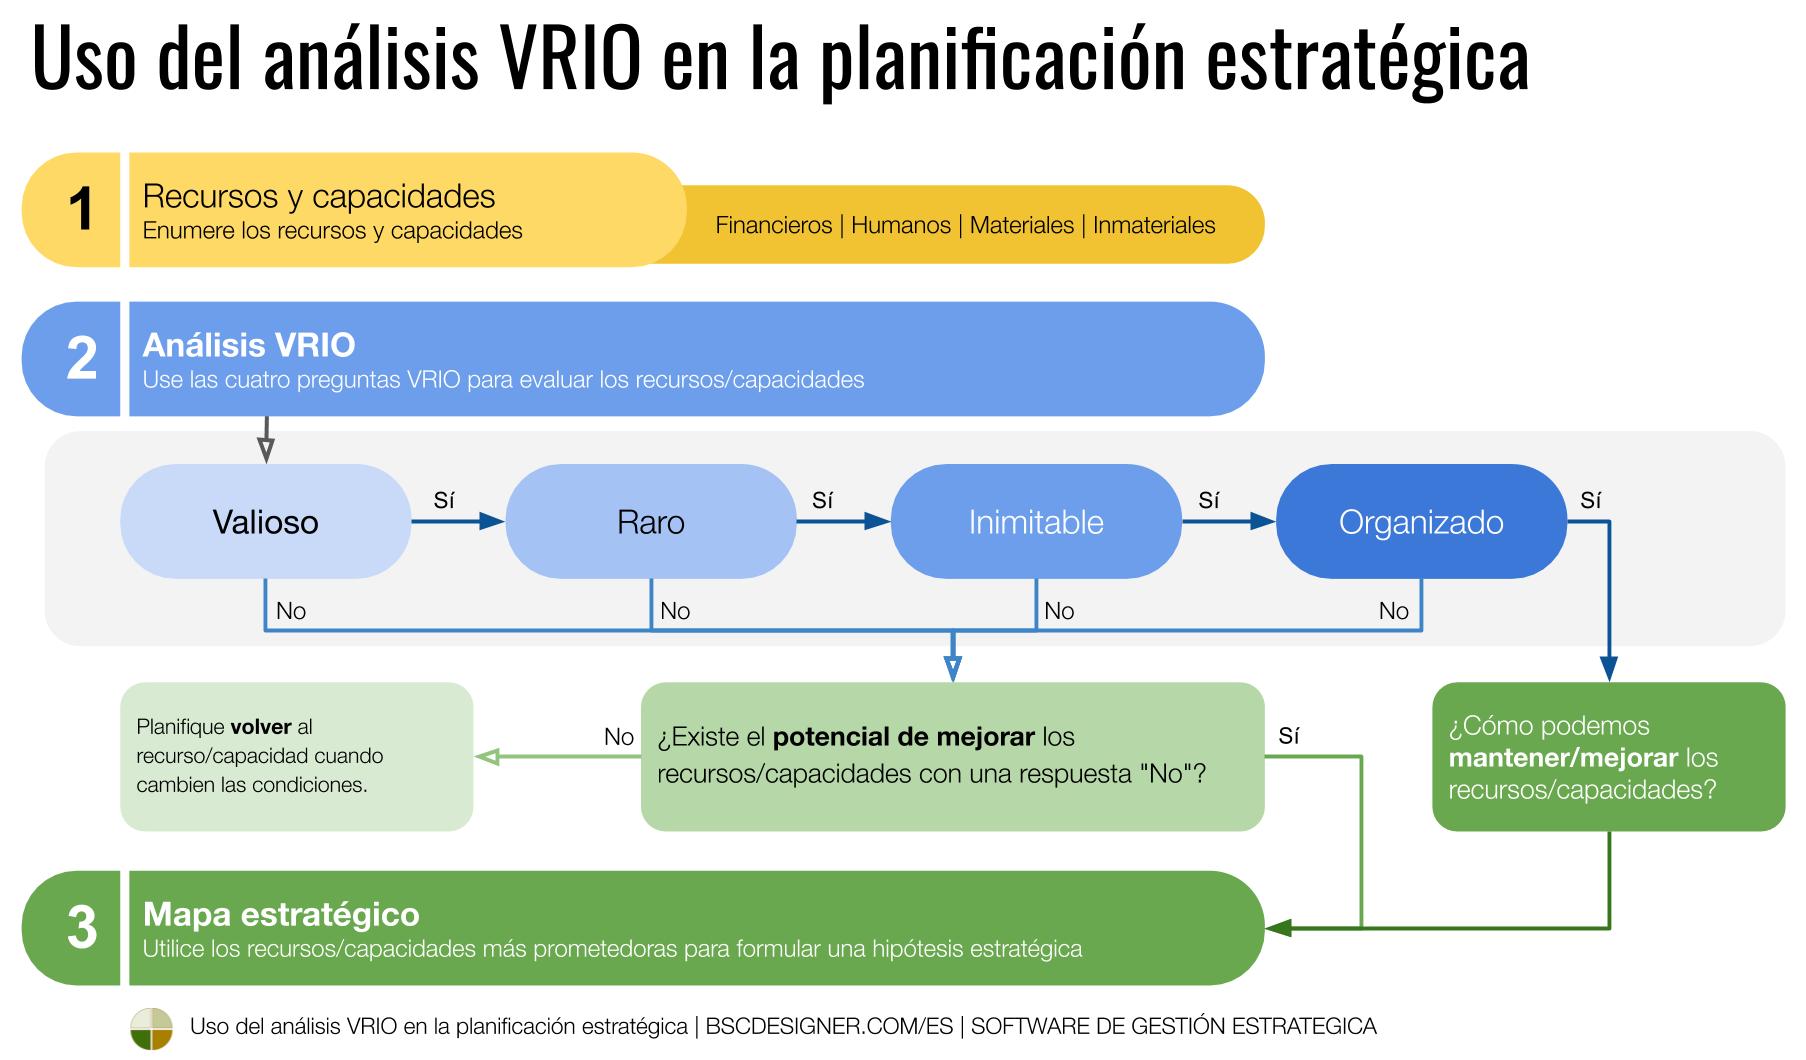 Uso de VRIO en la planificación estratégica